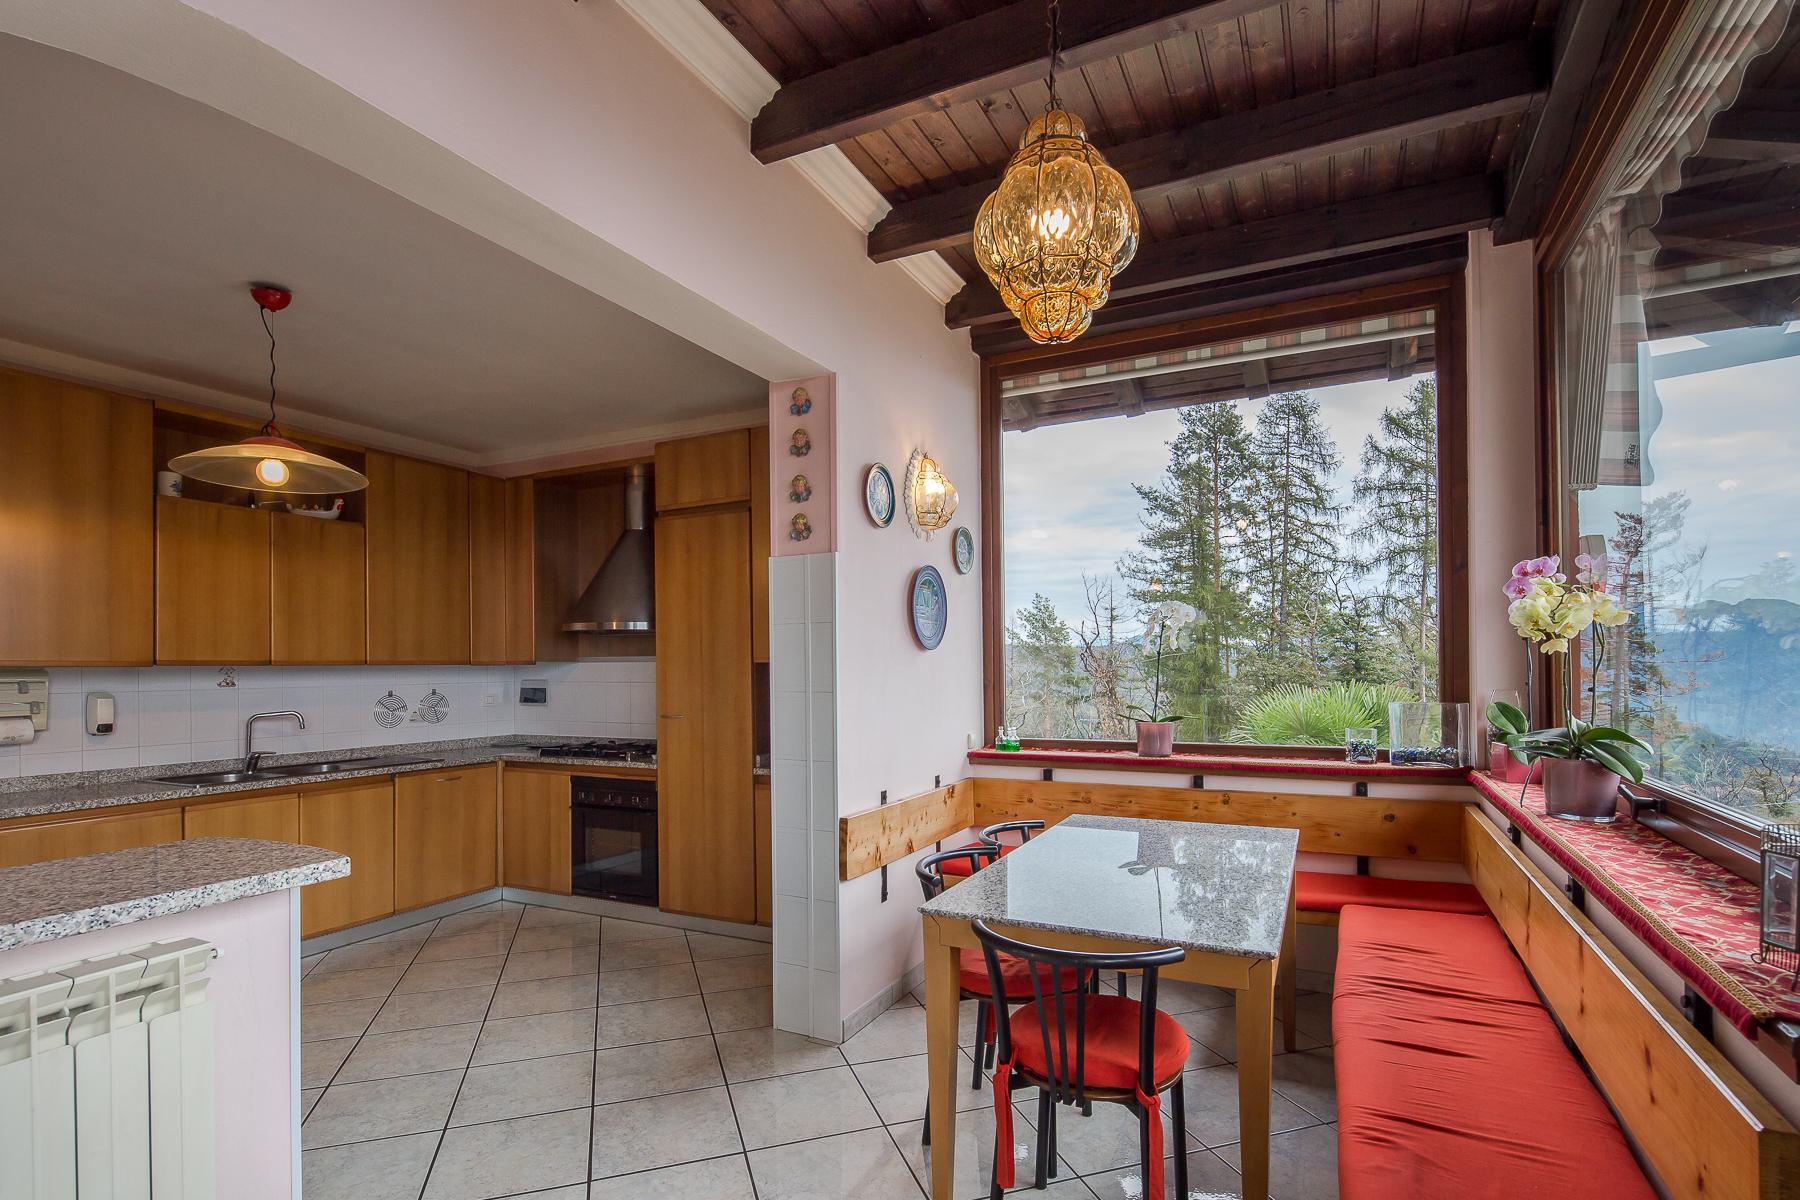 Villa unifamiliare nella zona collinare di Verbania con vista magnifica sul lago - 26